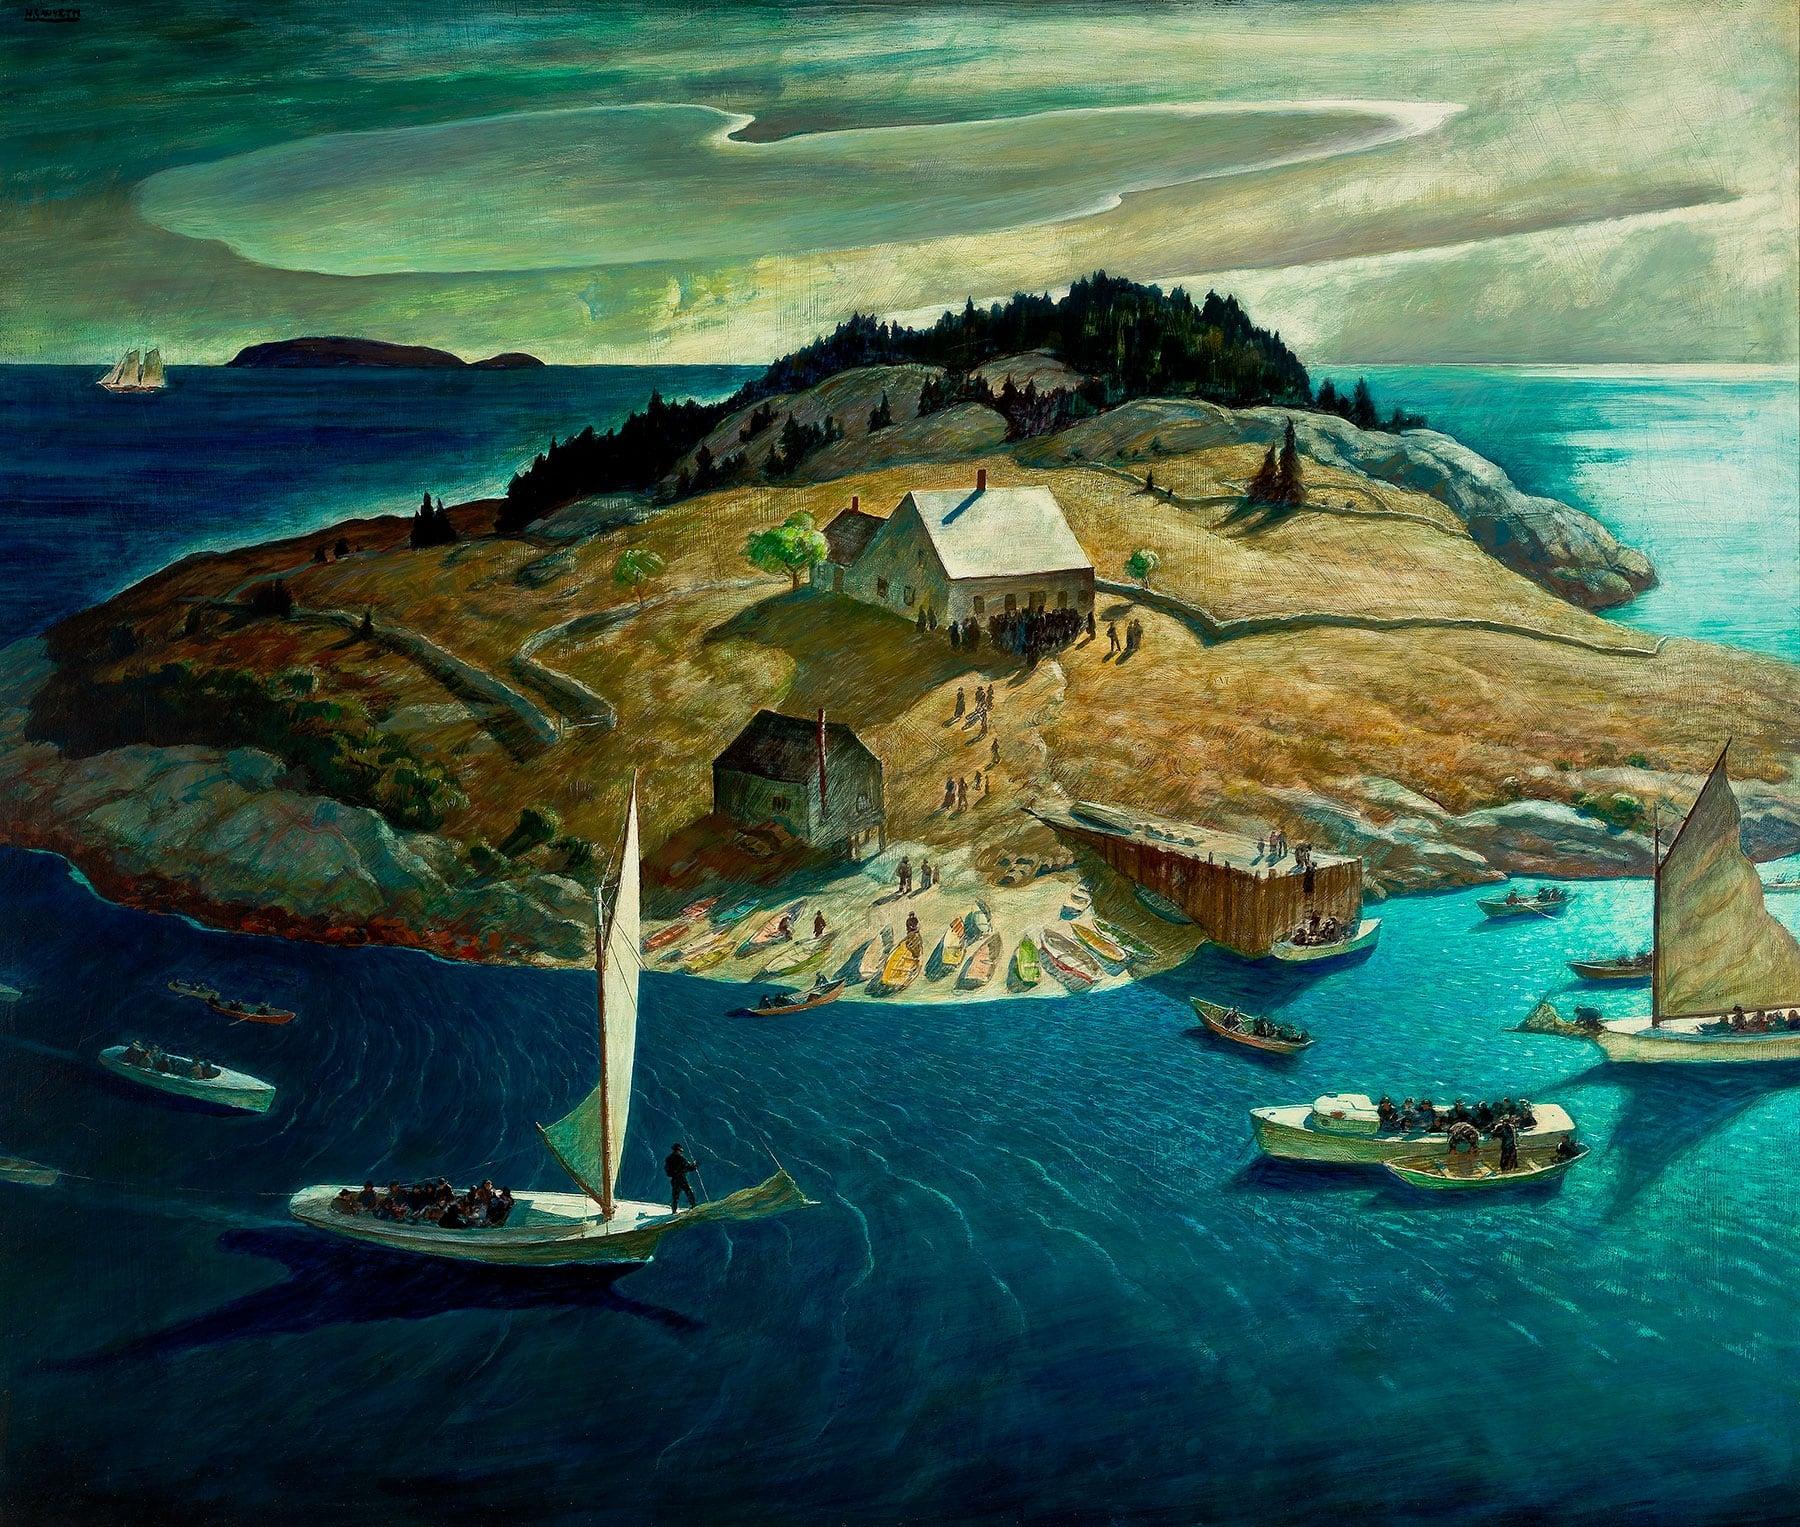 N.C. Wyeth's Island Funeral